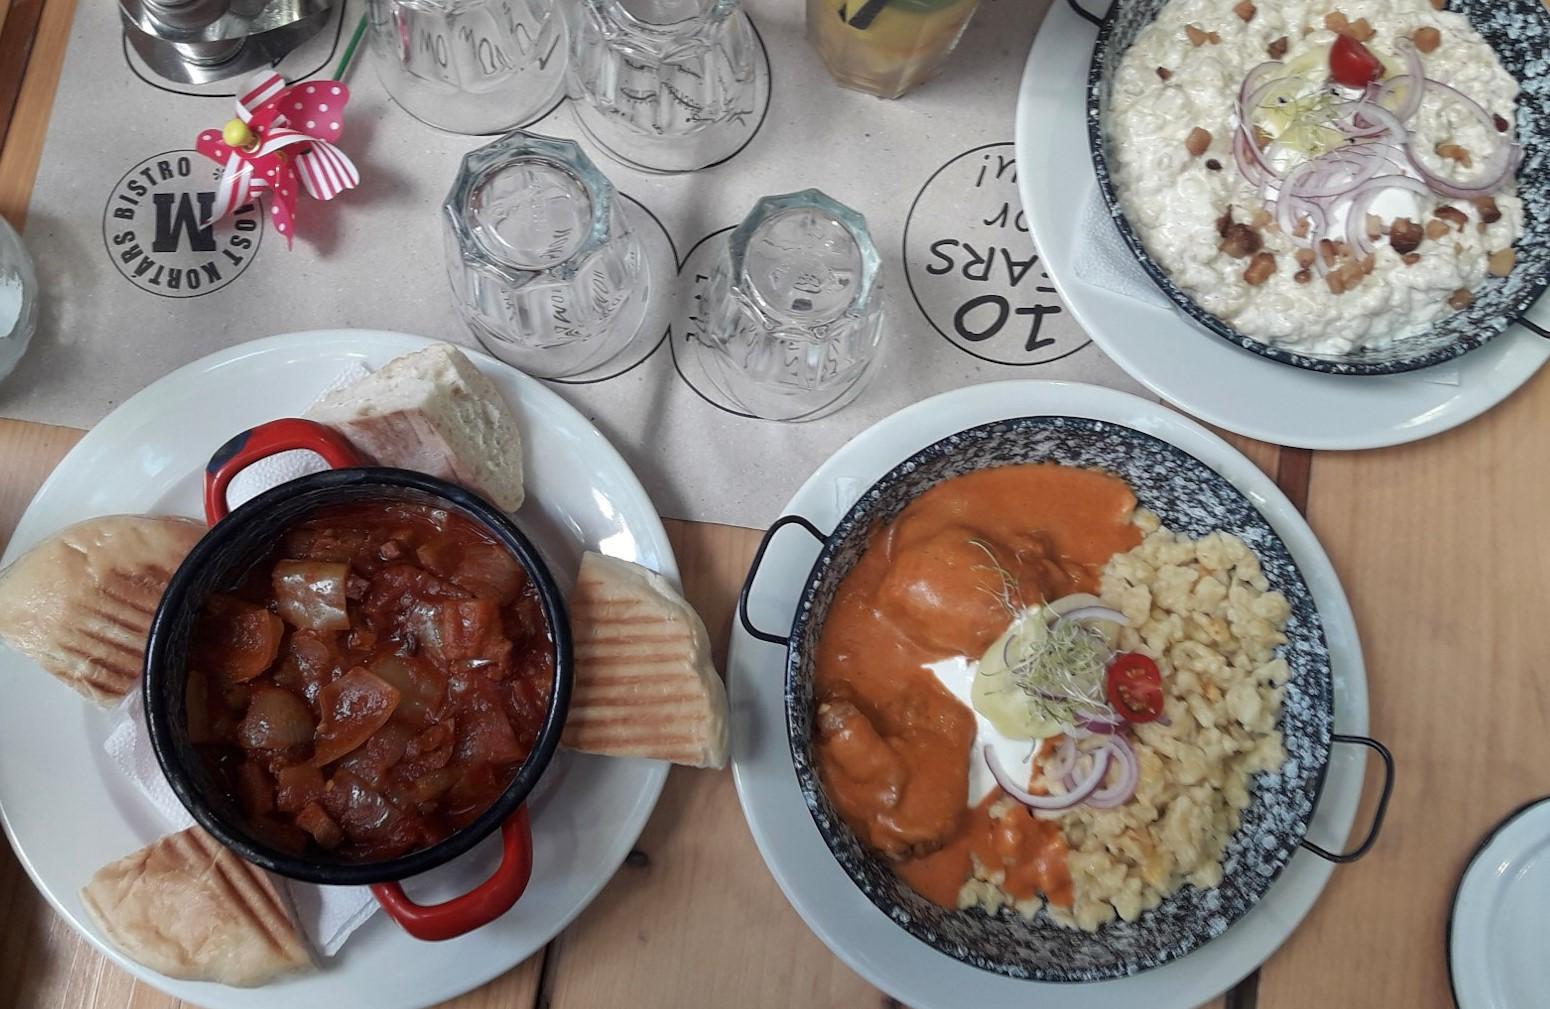 Kulinarny Budapeszt po raz kolejny-gdzie jeść i gdzie robić zakupy